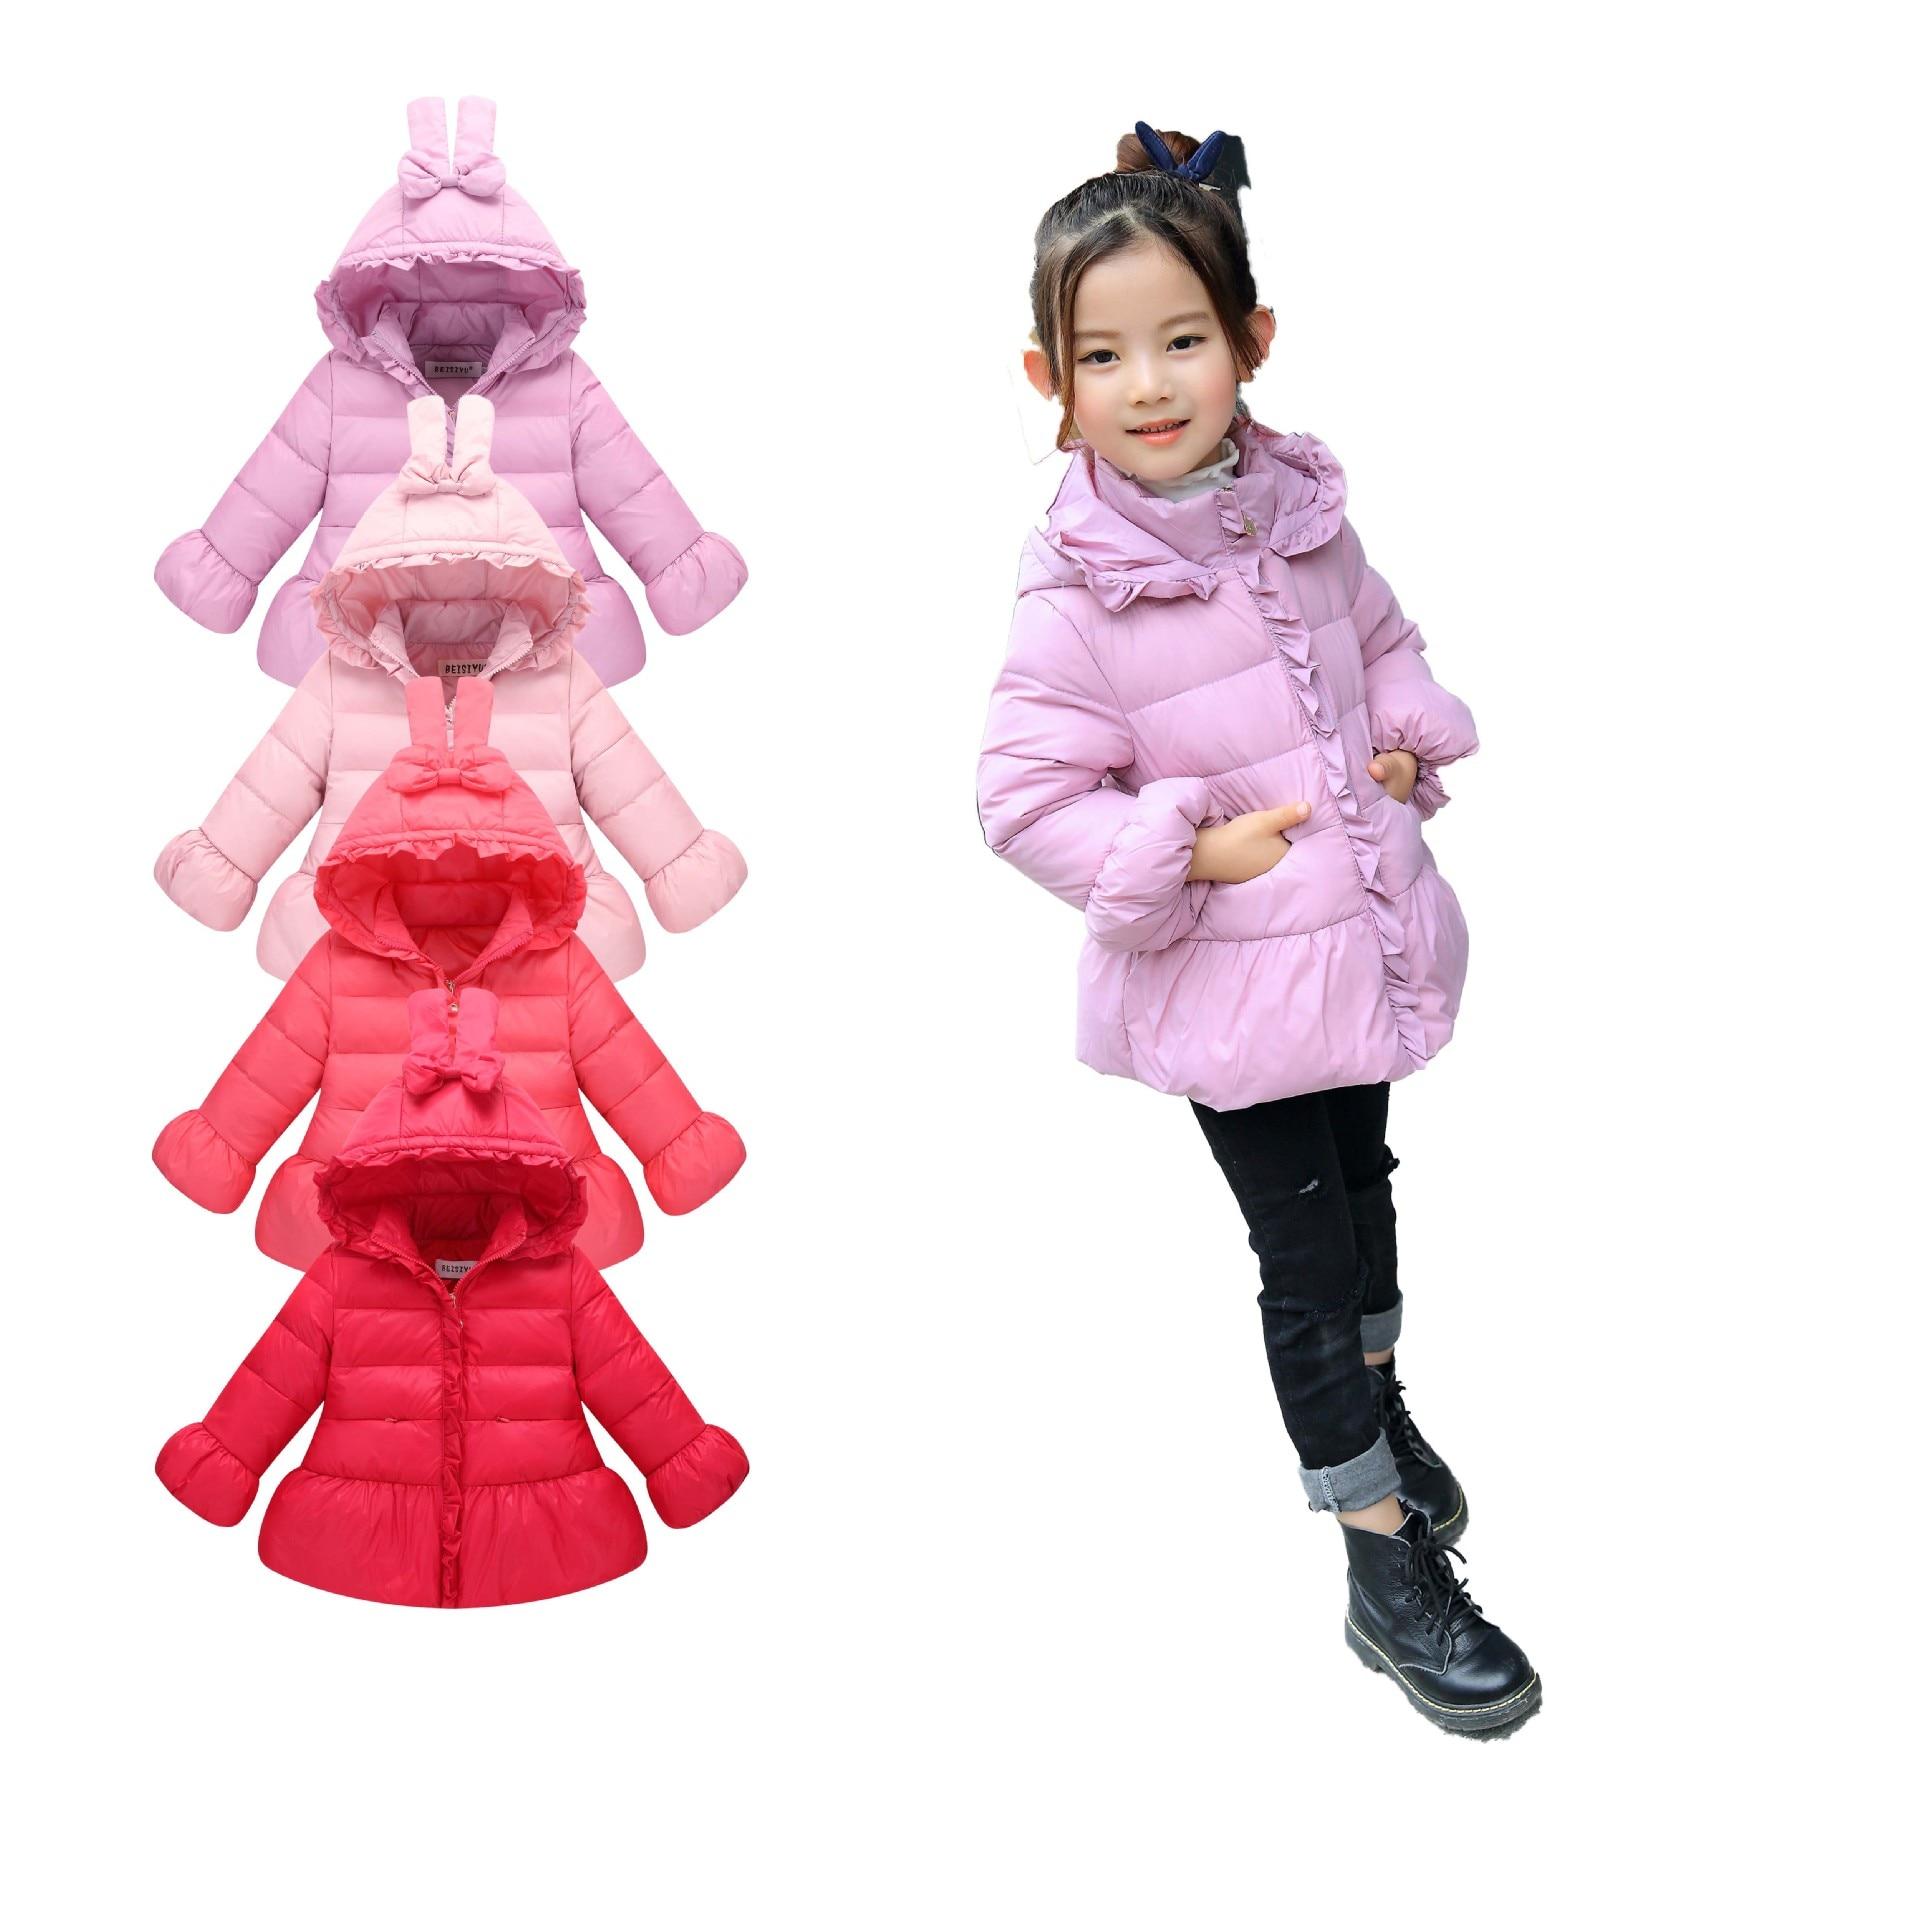 2017 зимние комплекты для девочек и мальчиков пальто Костюмы костюм детские кашемировые Теплые Детские кроличьи уши творческий пальто зимня...